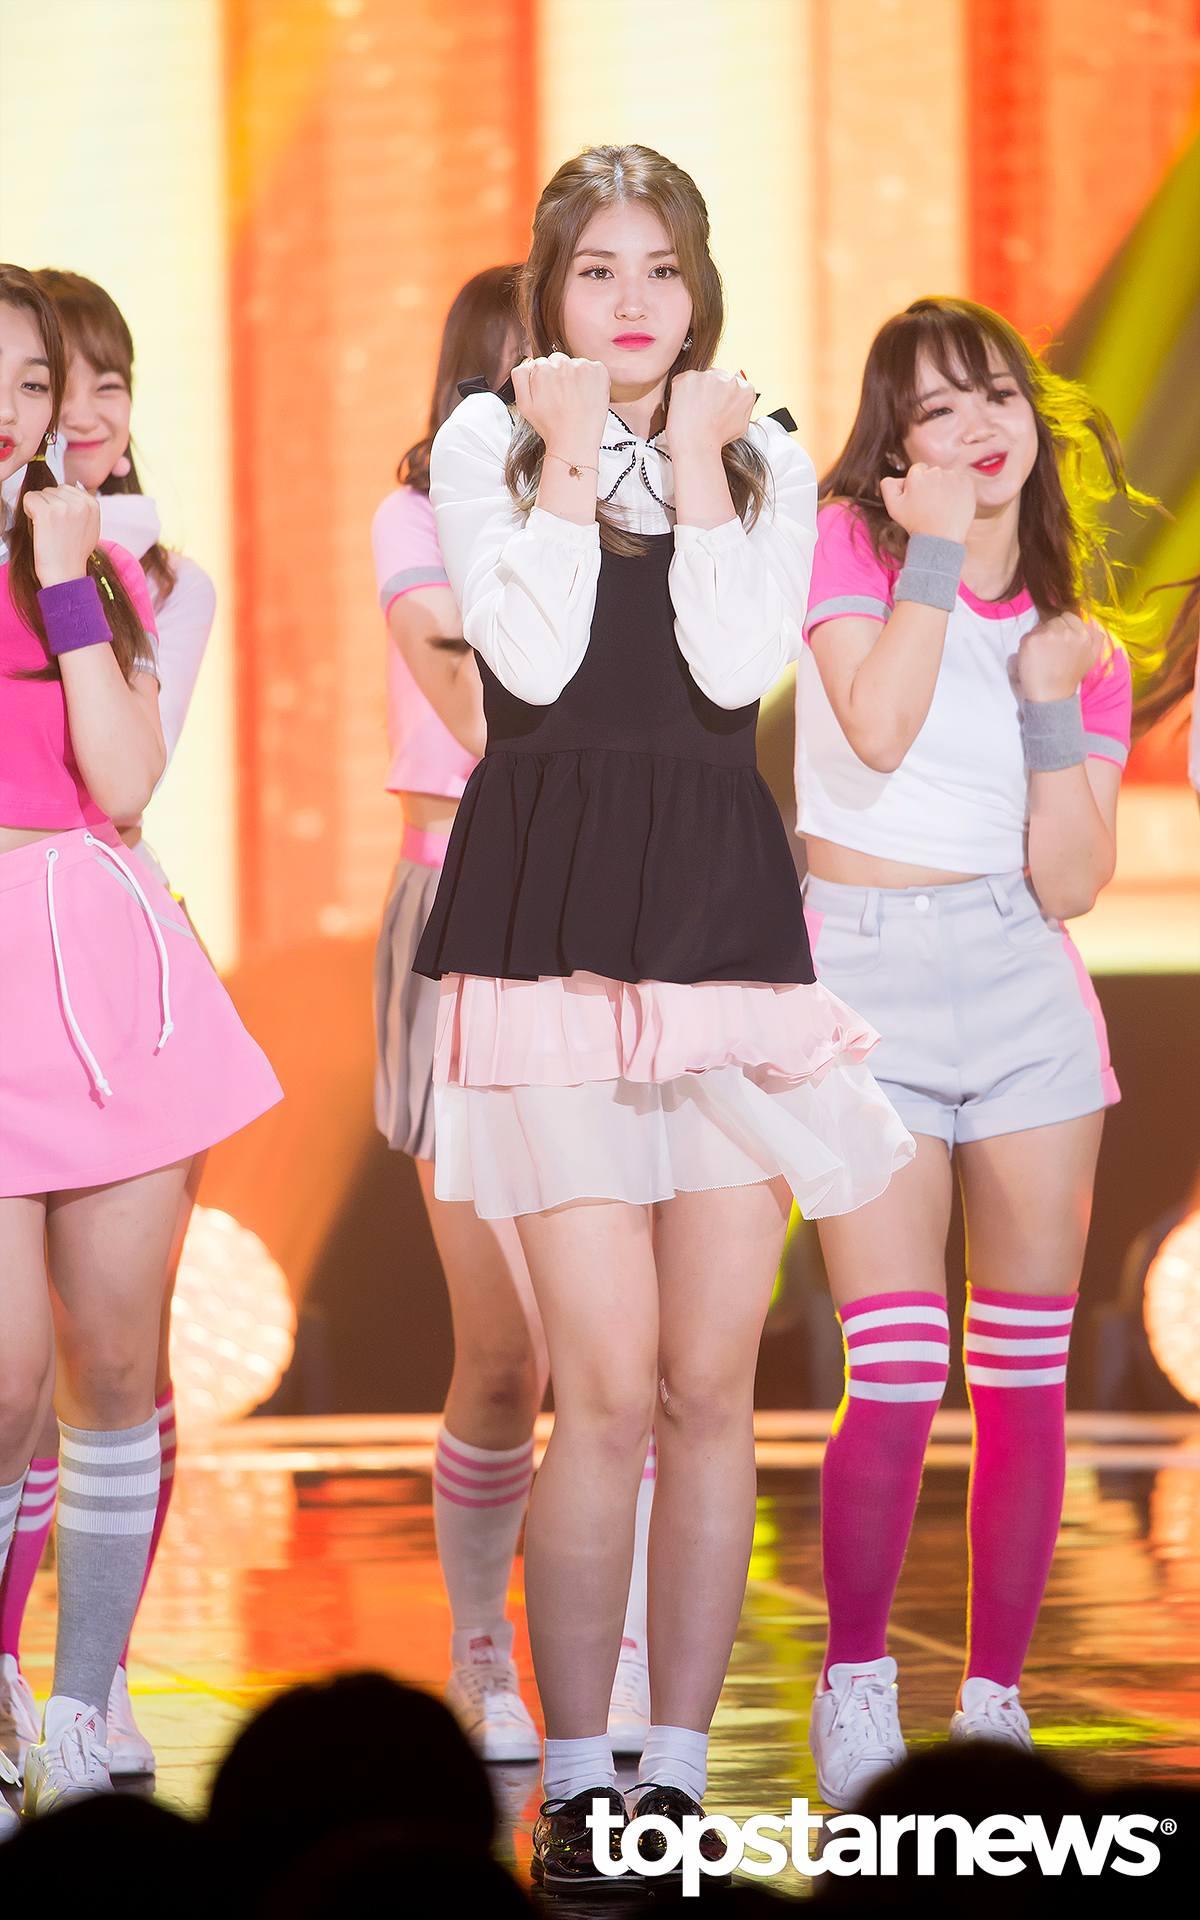 因為不僅Somi日前就曾表示過,在 I.O.I 活動結束後,她將會重回歸 JYP練習生的身份繼續努力,希望在將來以更好的面貌和大家見面之外,JYP旗下也有不少被認為相當有實力的練習生,因此Somi加入JYP打造的新女團的機會也相當高